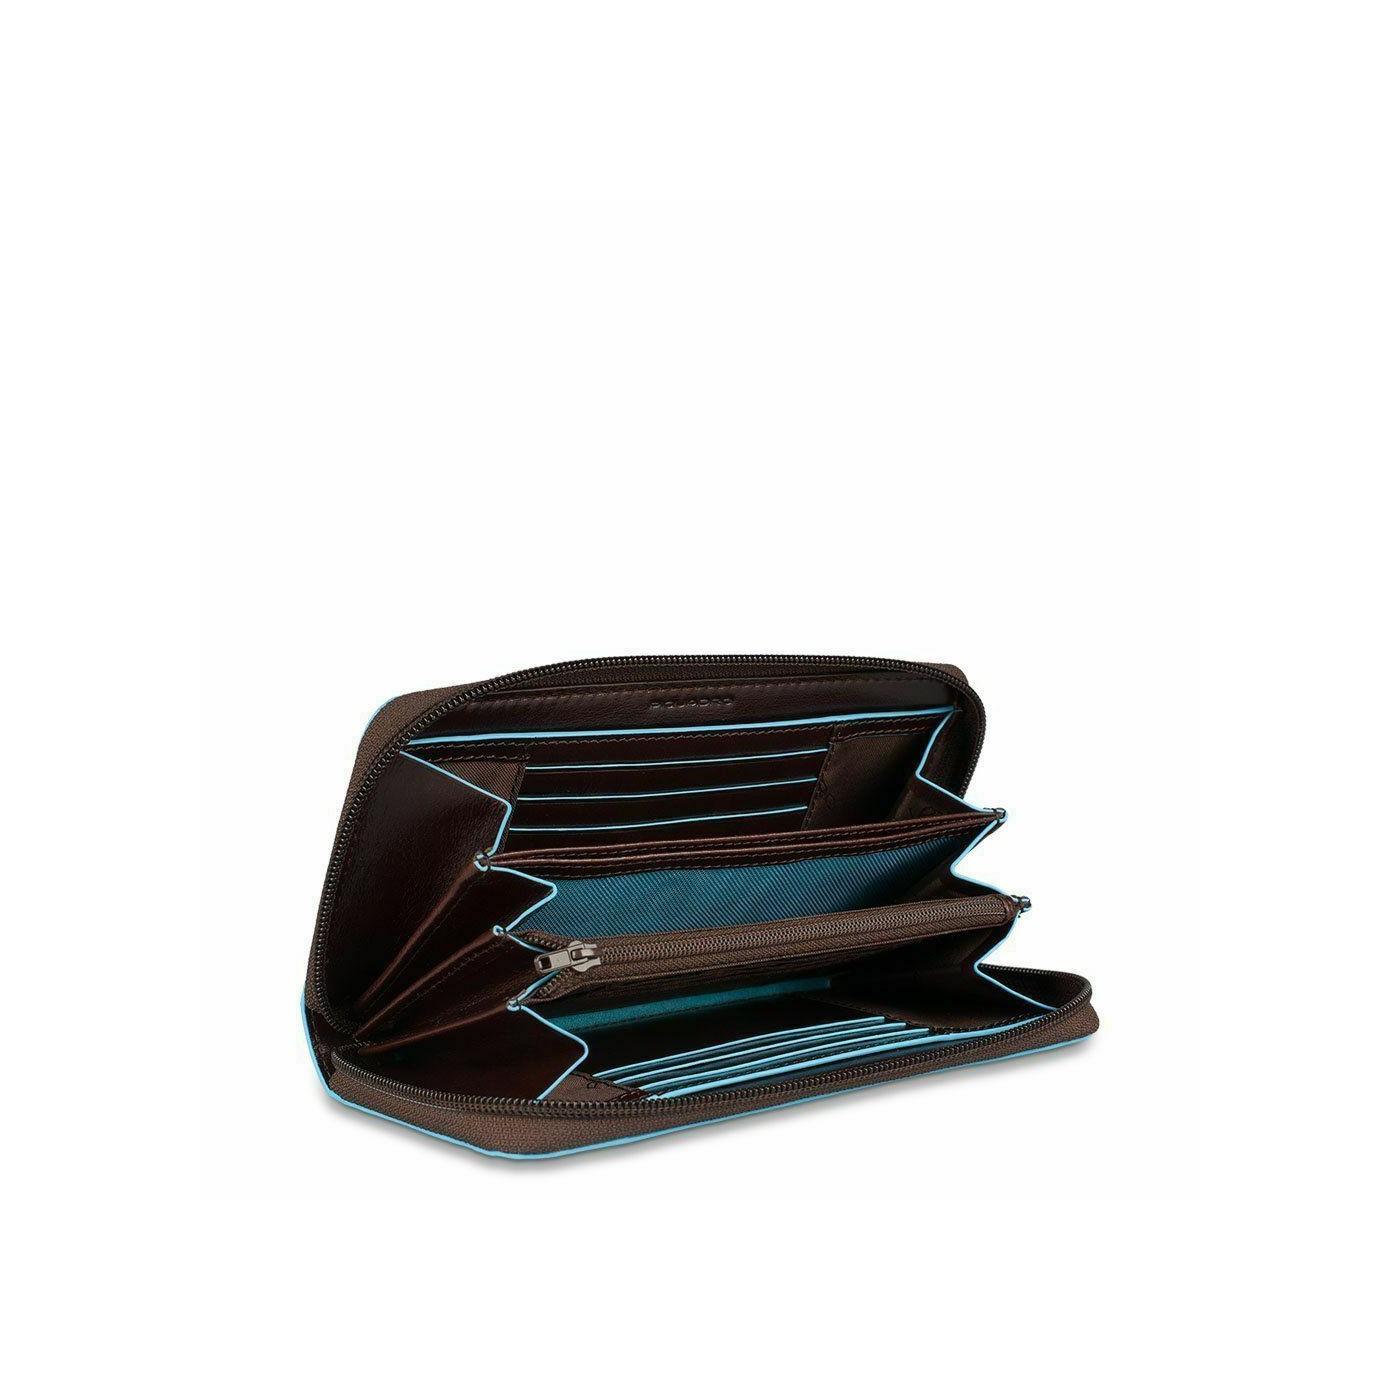 PIQUADRO Blue Square portafogli donna con zip, 12cc, pelle